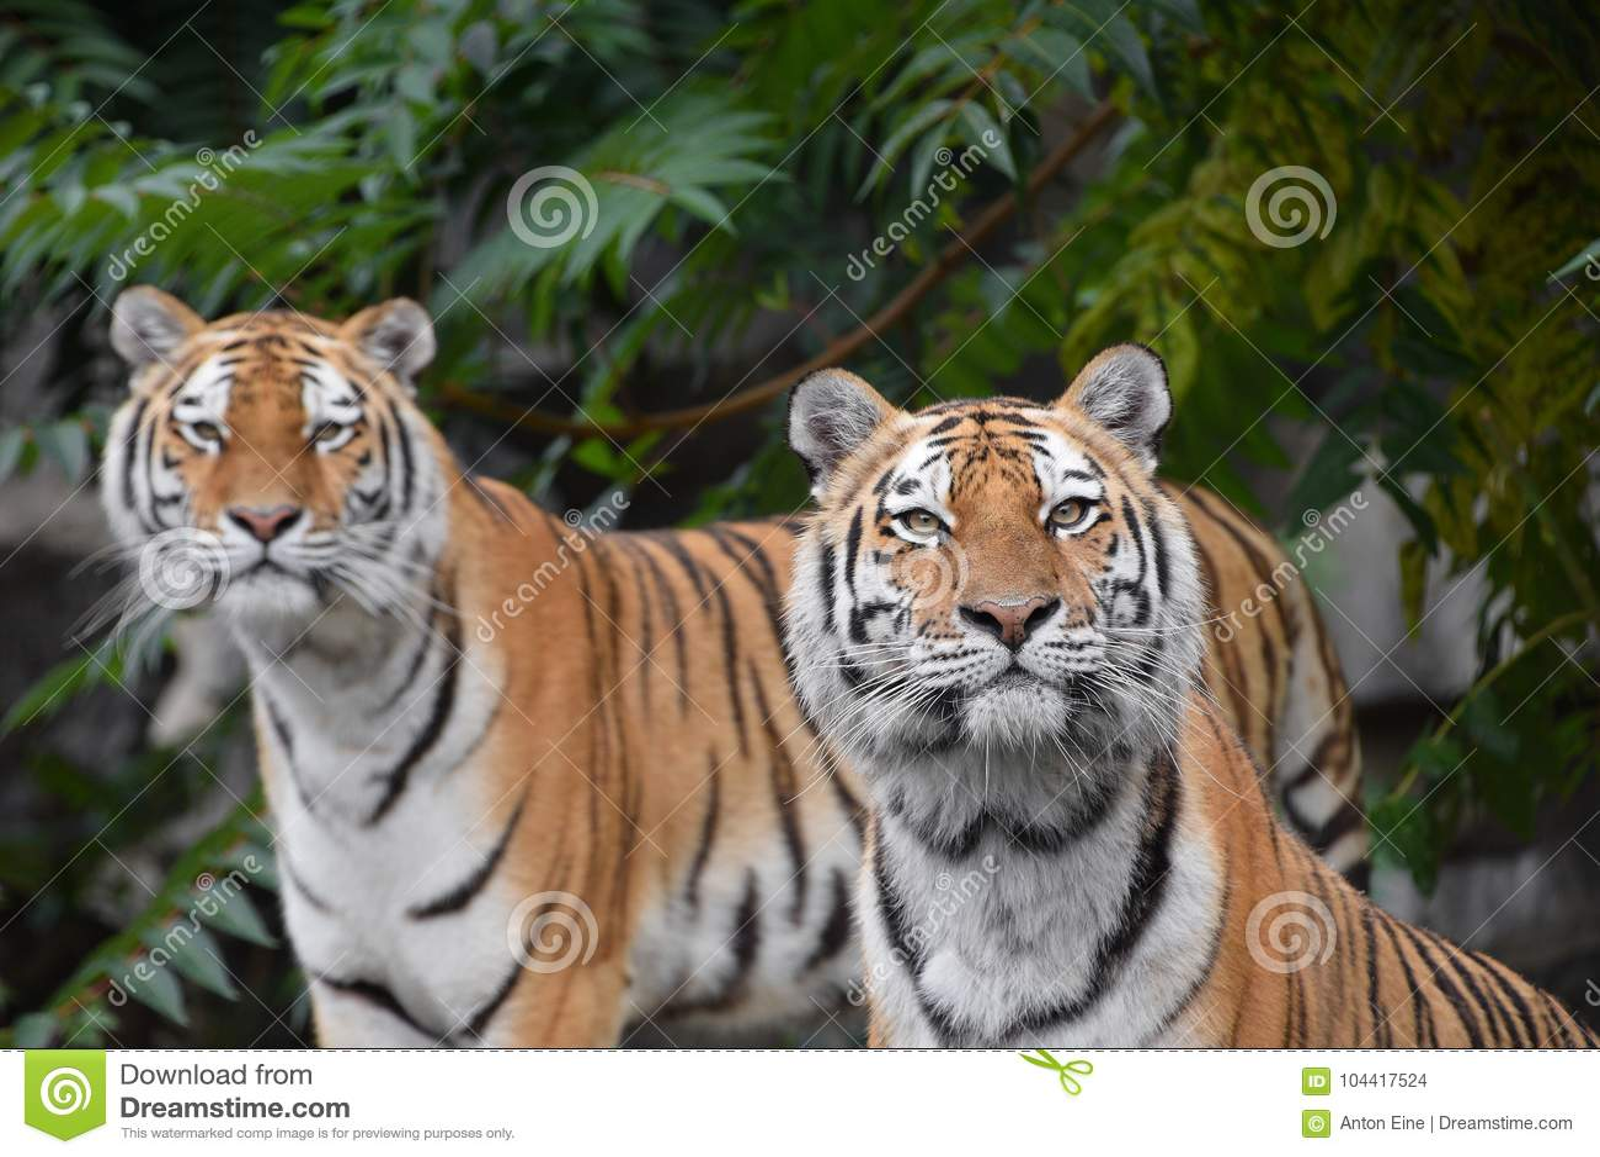 Fermez vous vers le haut du portrait de deux tigres d 39 amur - Images tigres gratuites ...